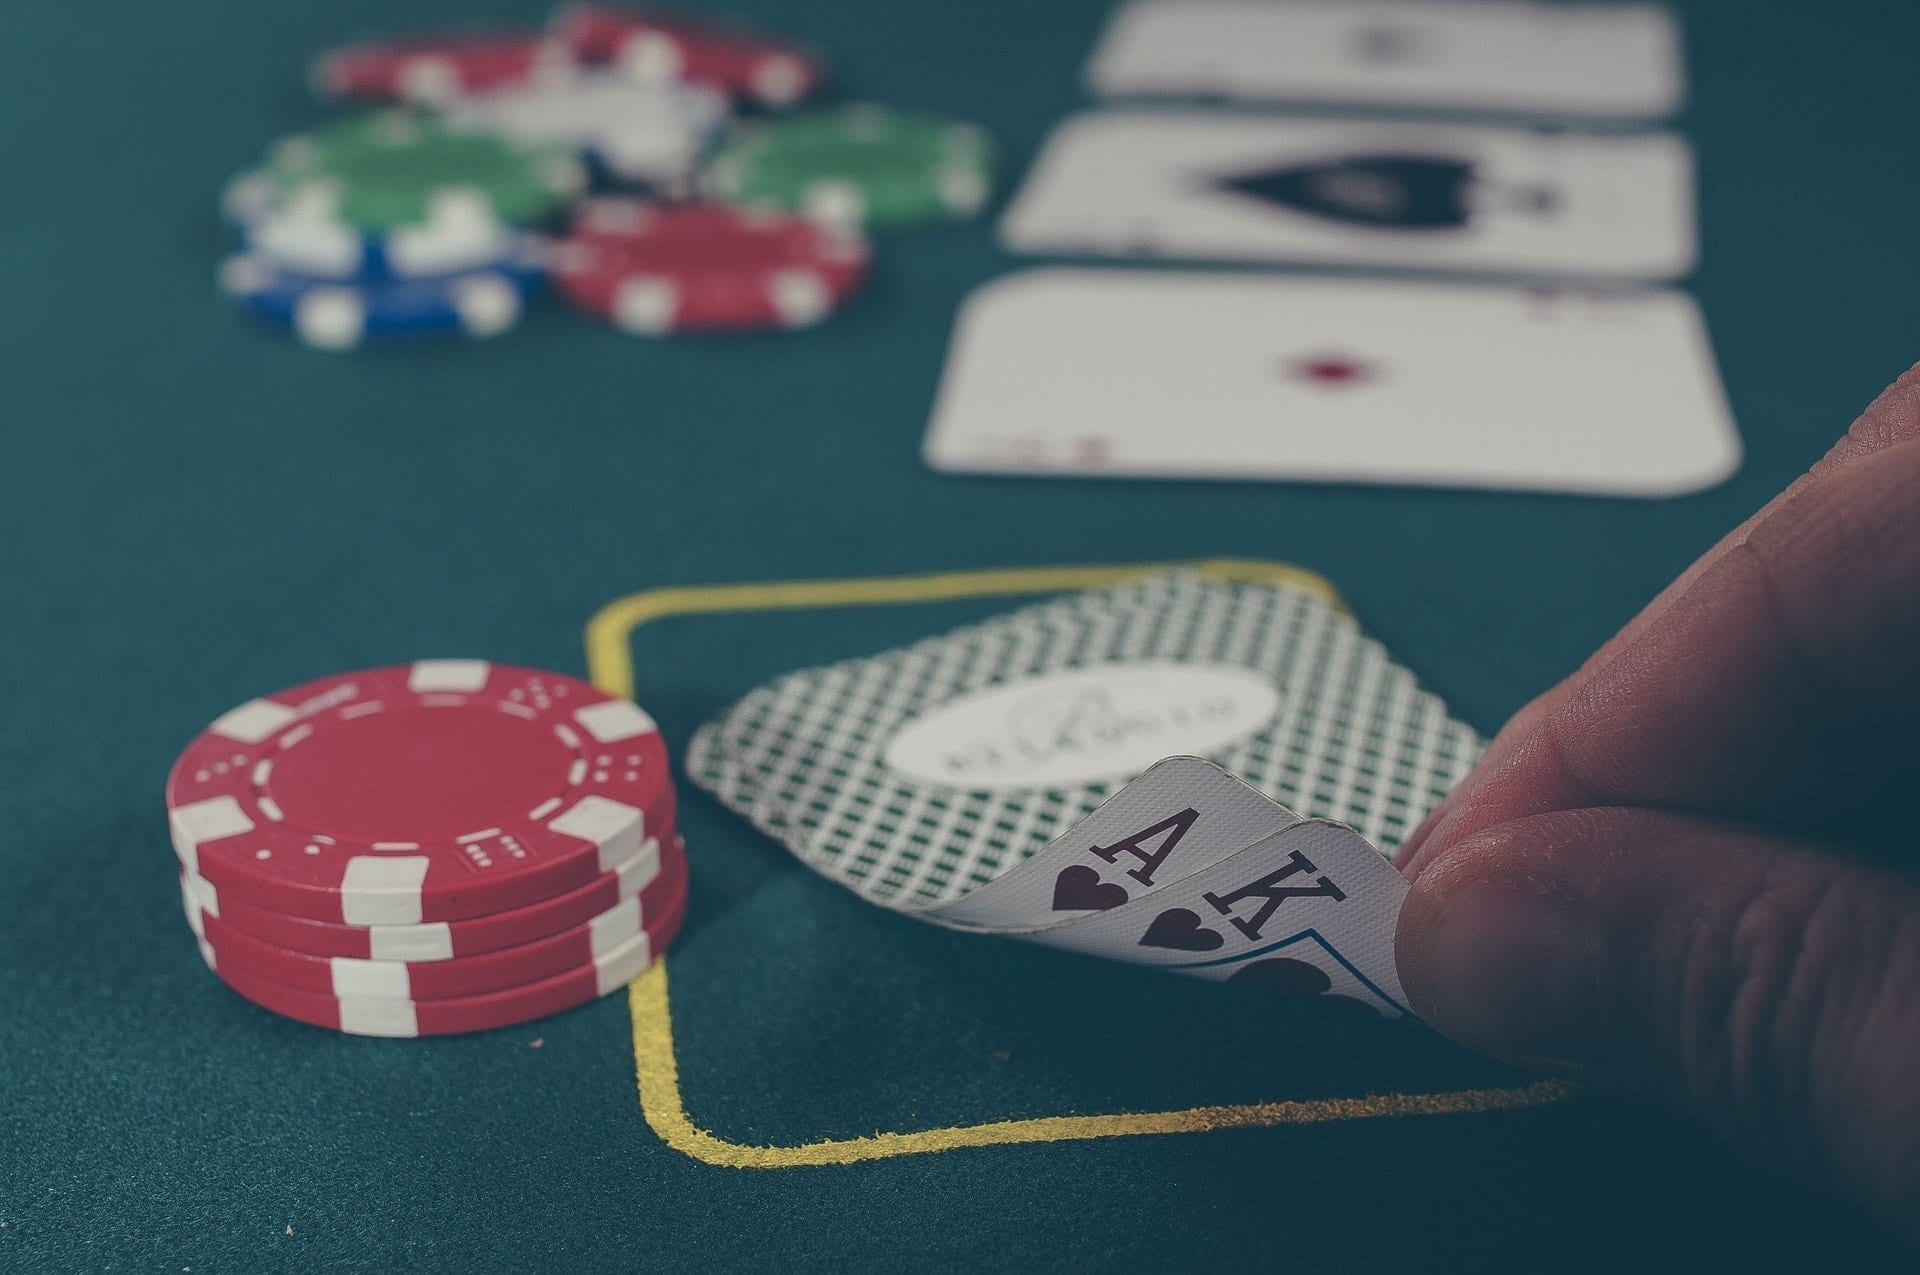 Strona do grania w pokera za pieniądze - Gdzie grać?